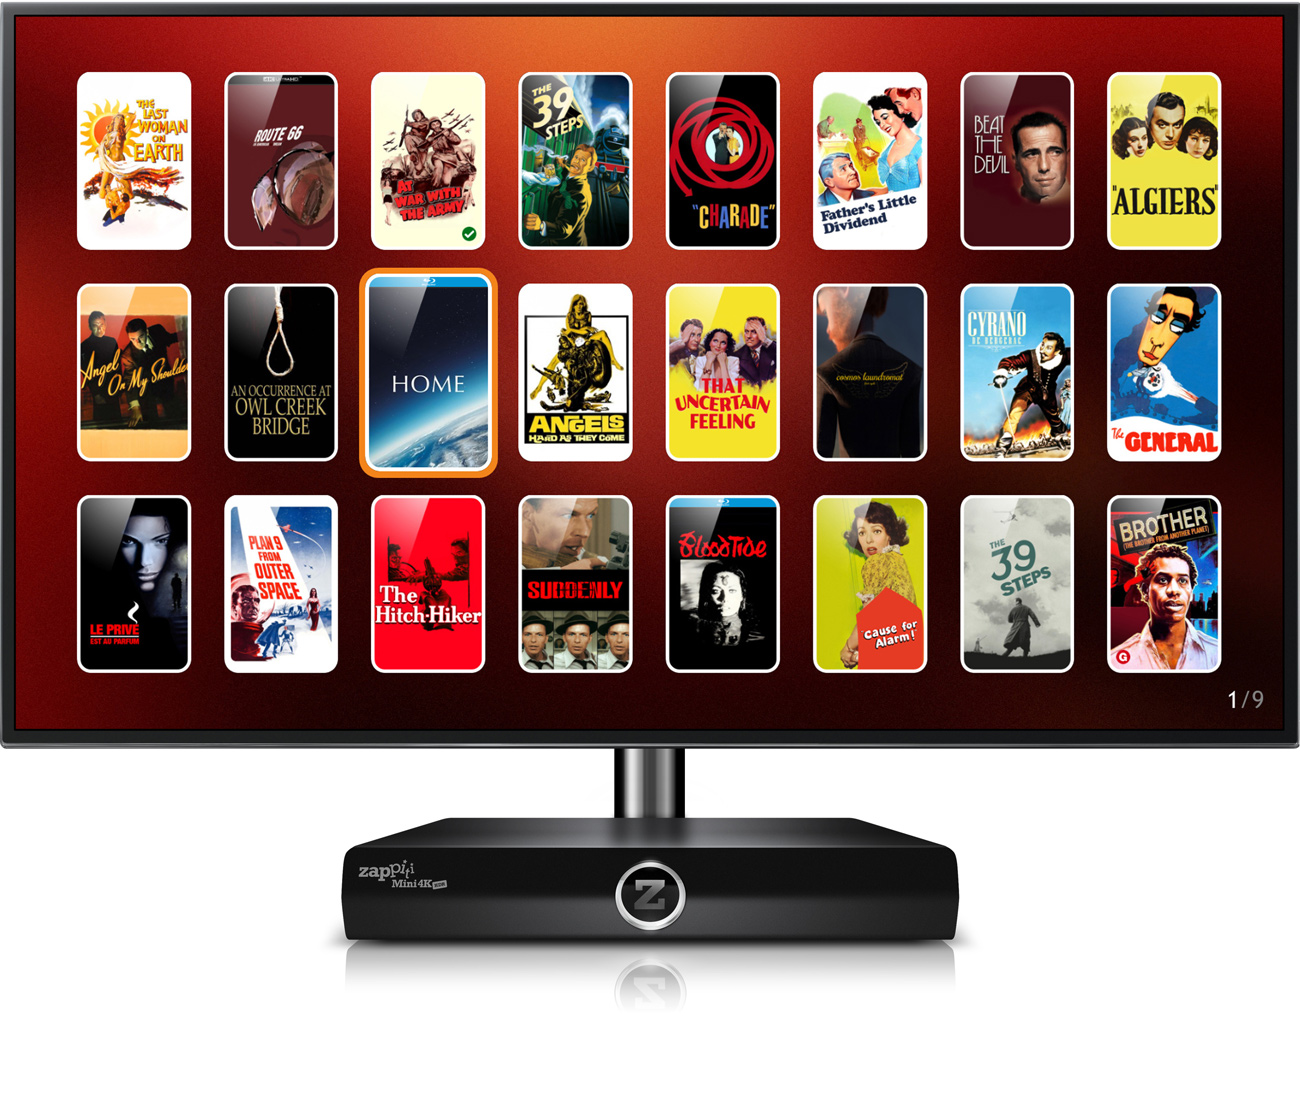 zappiti-mini-4K-hdr-tv-classic-1300x1012.jpg